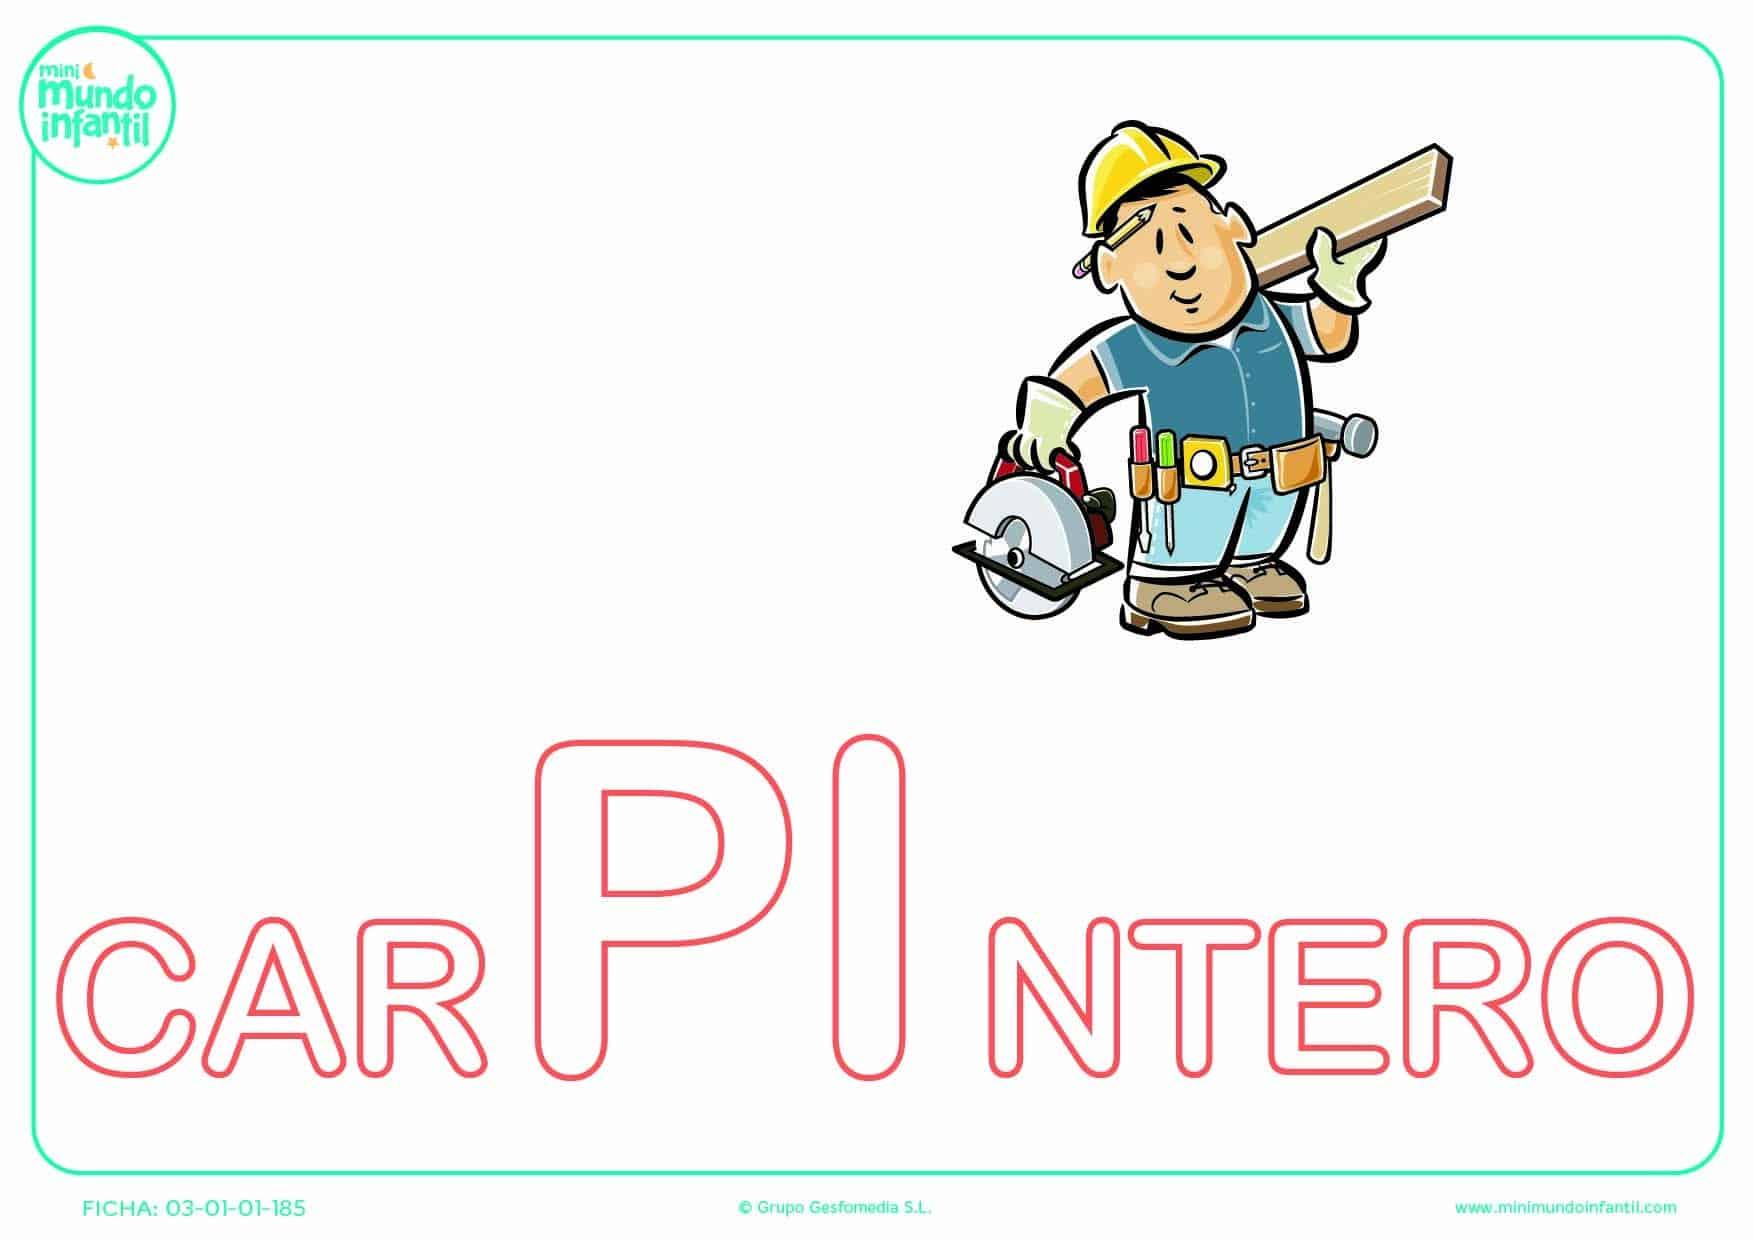 Completar la sílaba PI de carpintero en mayúsculas